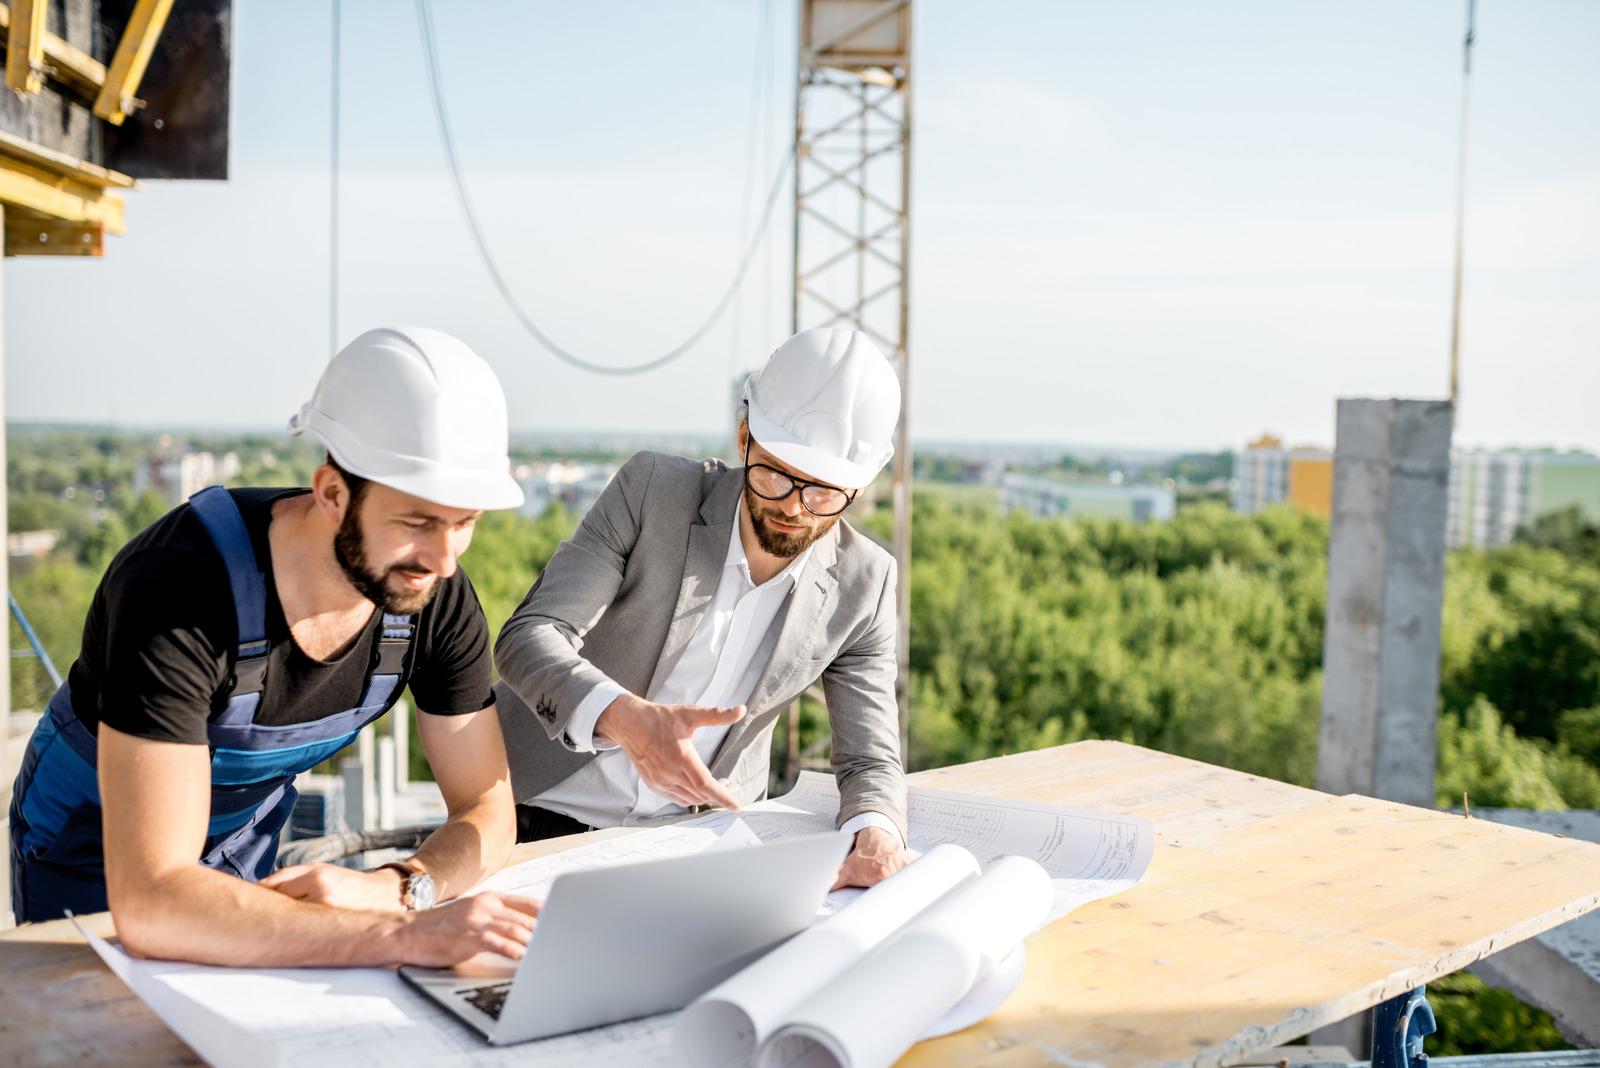 Tecnologia e a Construção Civil: como as soluções podem facilitar e melhorar a qualidade do serviço